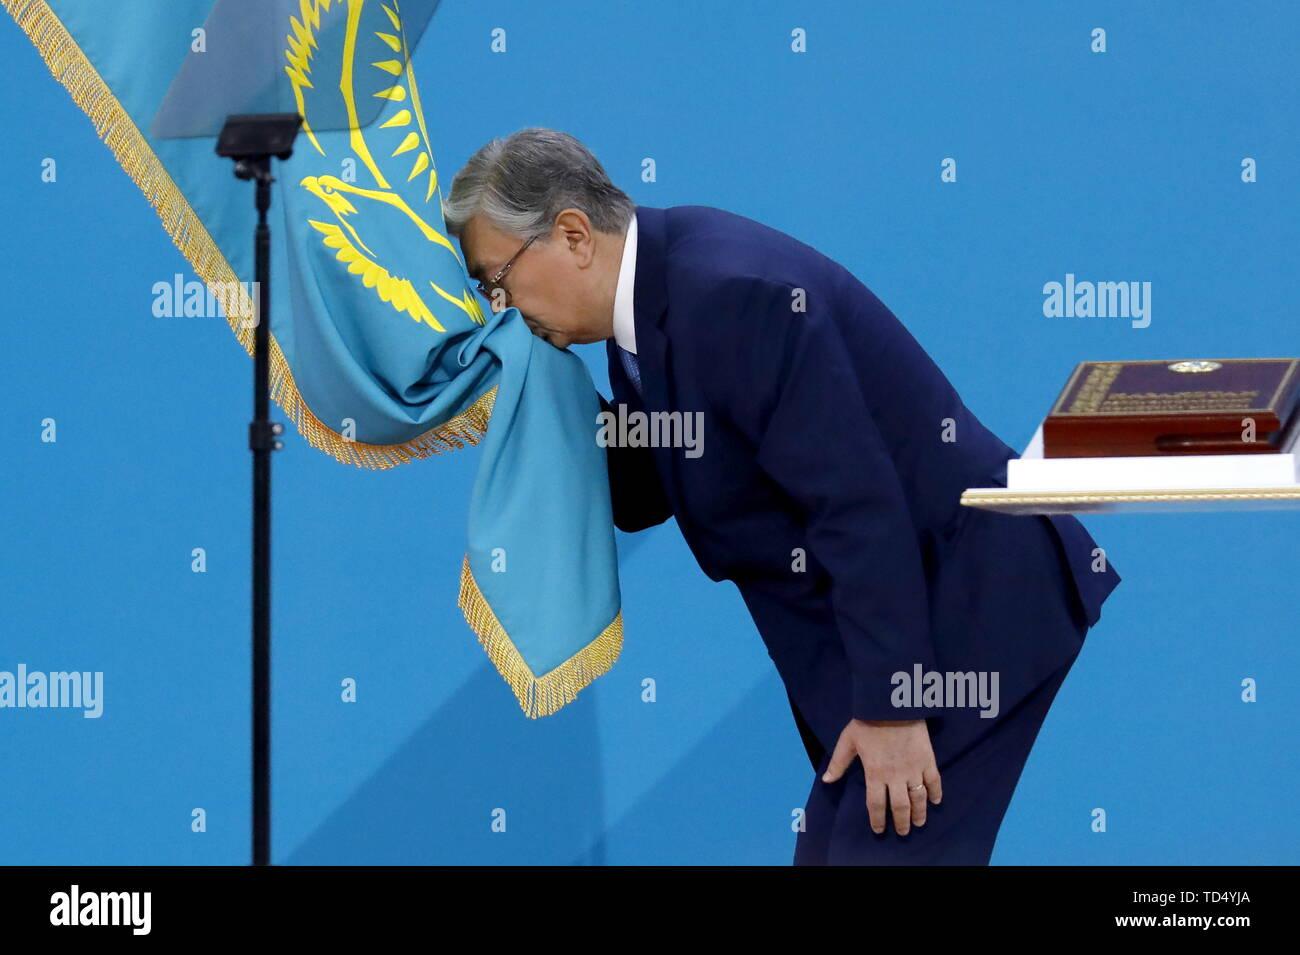 Nur sultan, le Kazakhstan. 12 Juin, 2019. NUR-Sultan, KAZAKHSTAN - Juin 12, 2019: Le Président élu Kassym-Jomart Tokayev étant assermentés à titre de président du Kazakhstan au Palais de l'indépendance. Valery/Sharifulin Crédit: TASS ITAR-TASS News Agency/Alamy Live News Photo Stock